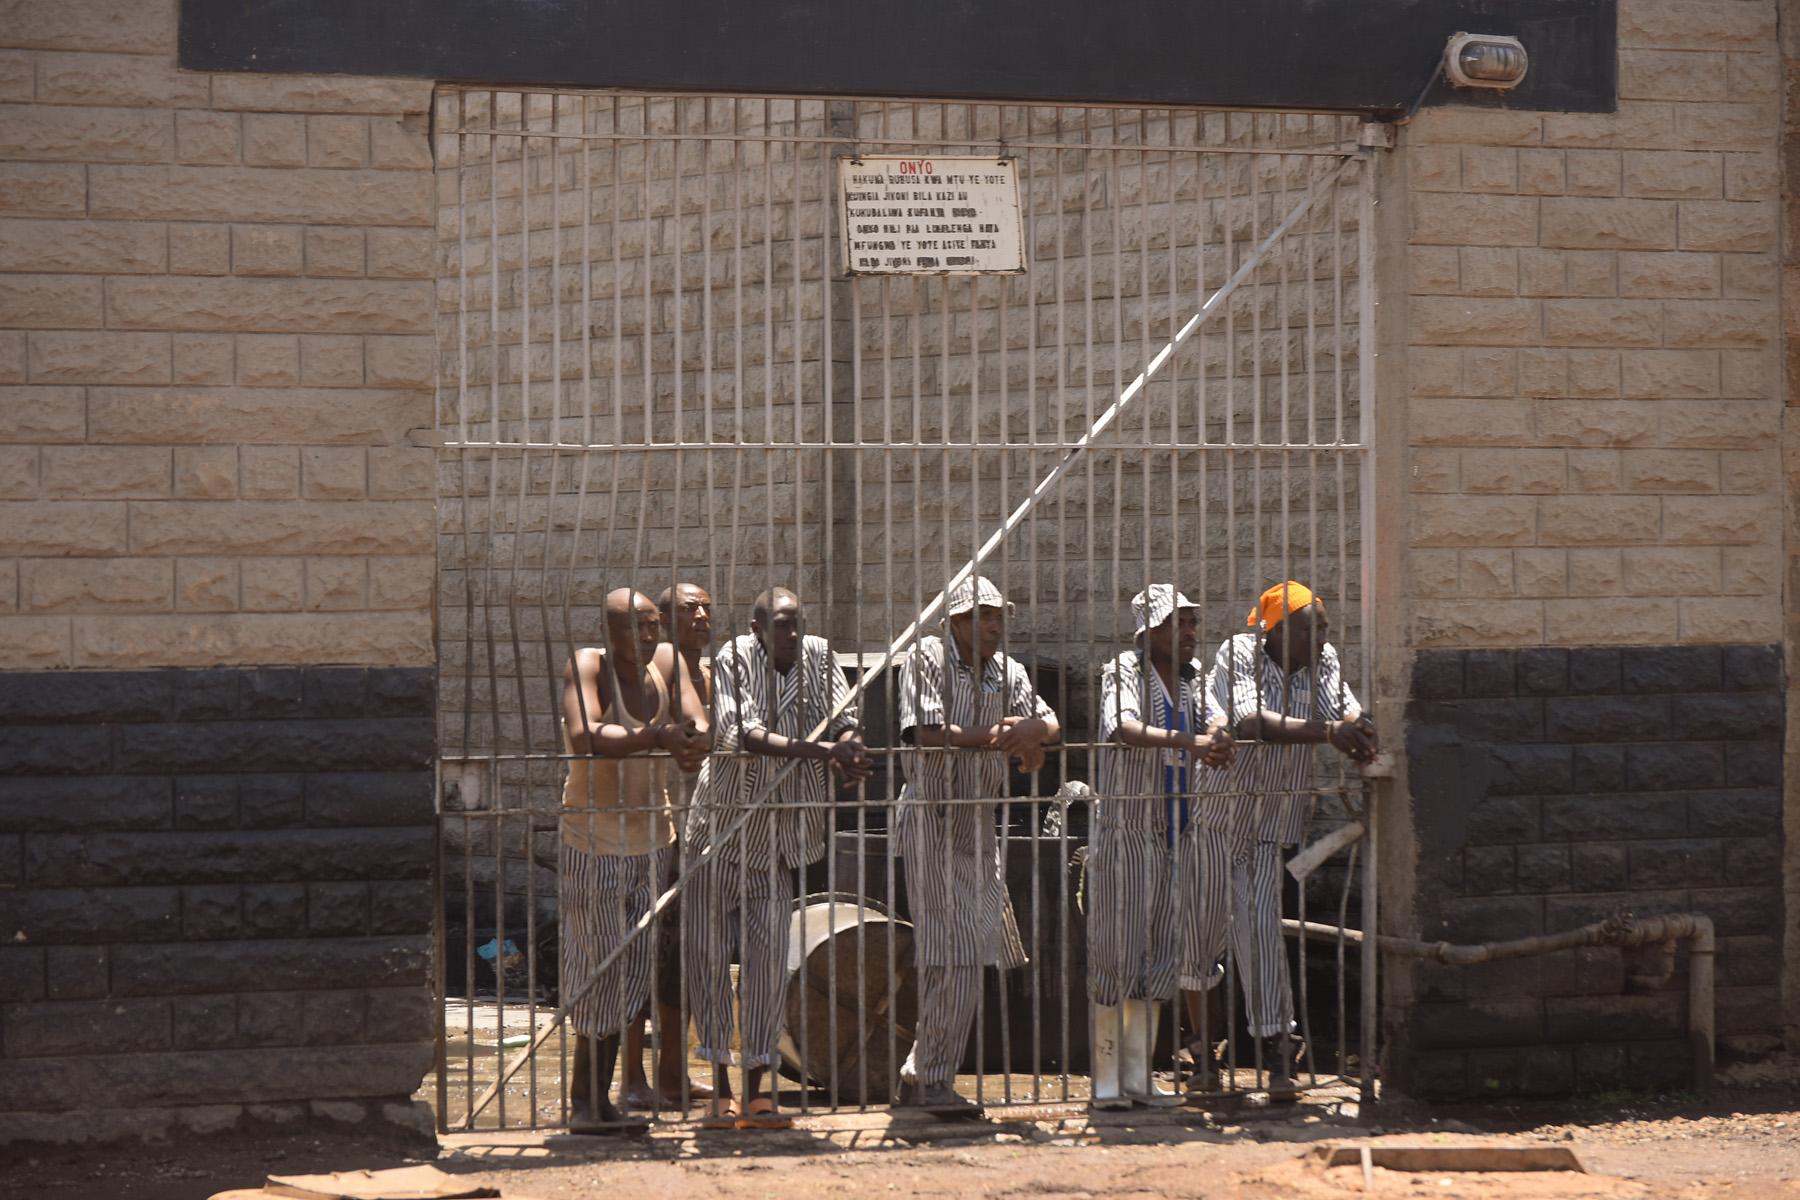 Justice Defenders prisoners waiting